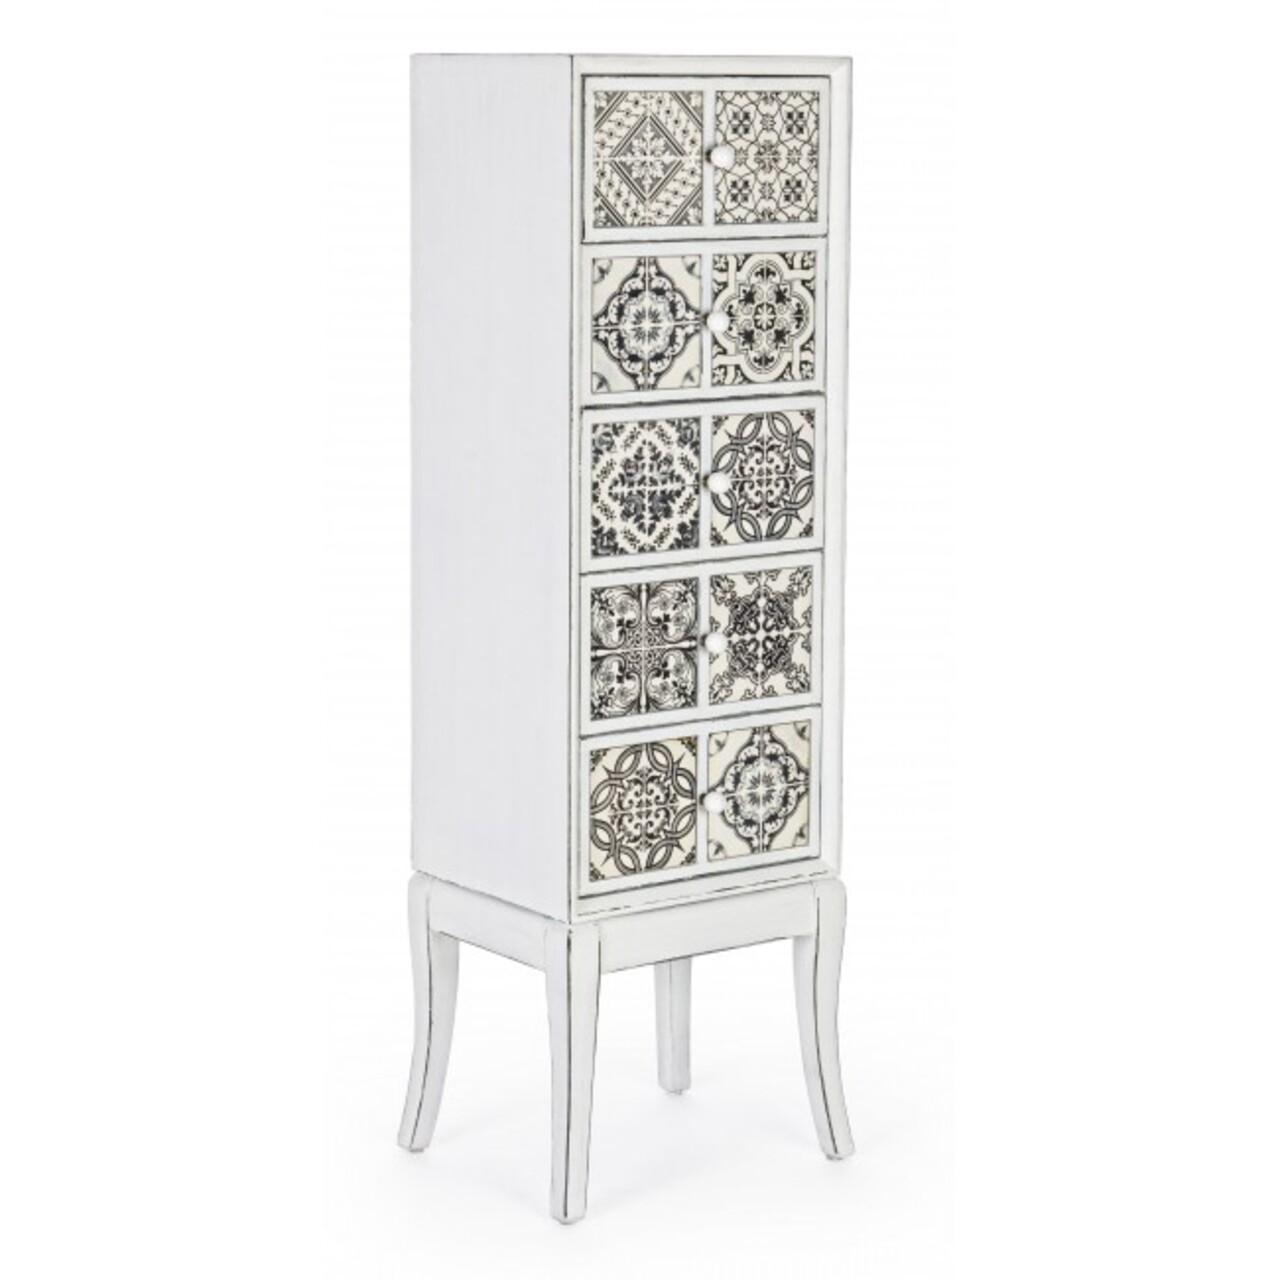 Comoda cu 5 sertare, Dimitra, Bizzotto, 40x32.5x131 cm, lemn de brad/ceramica